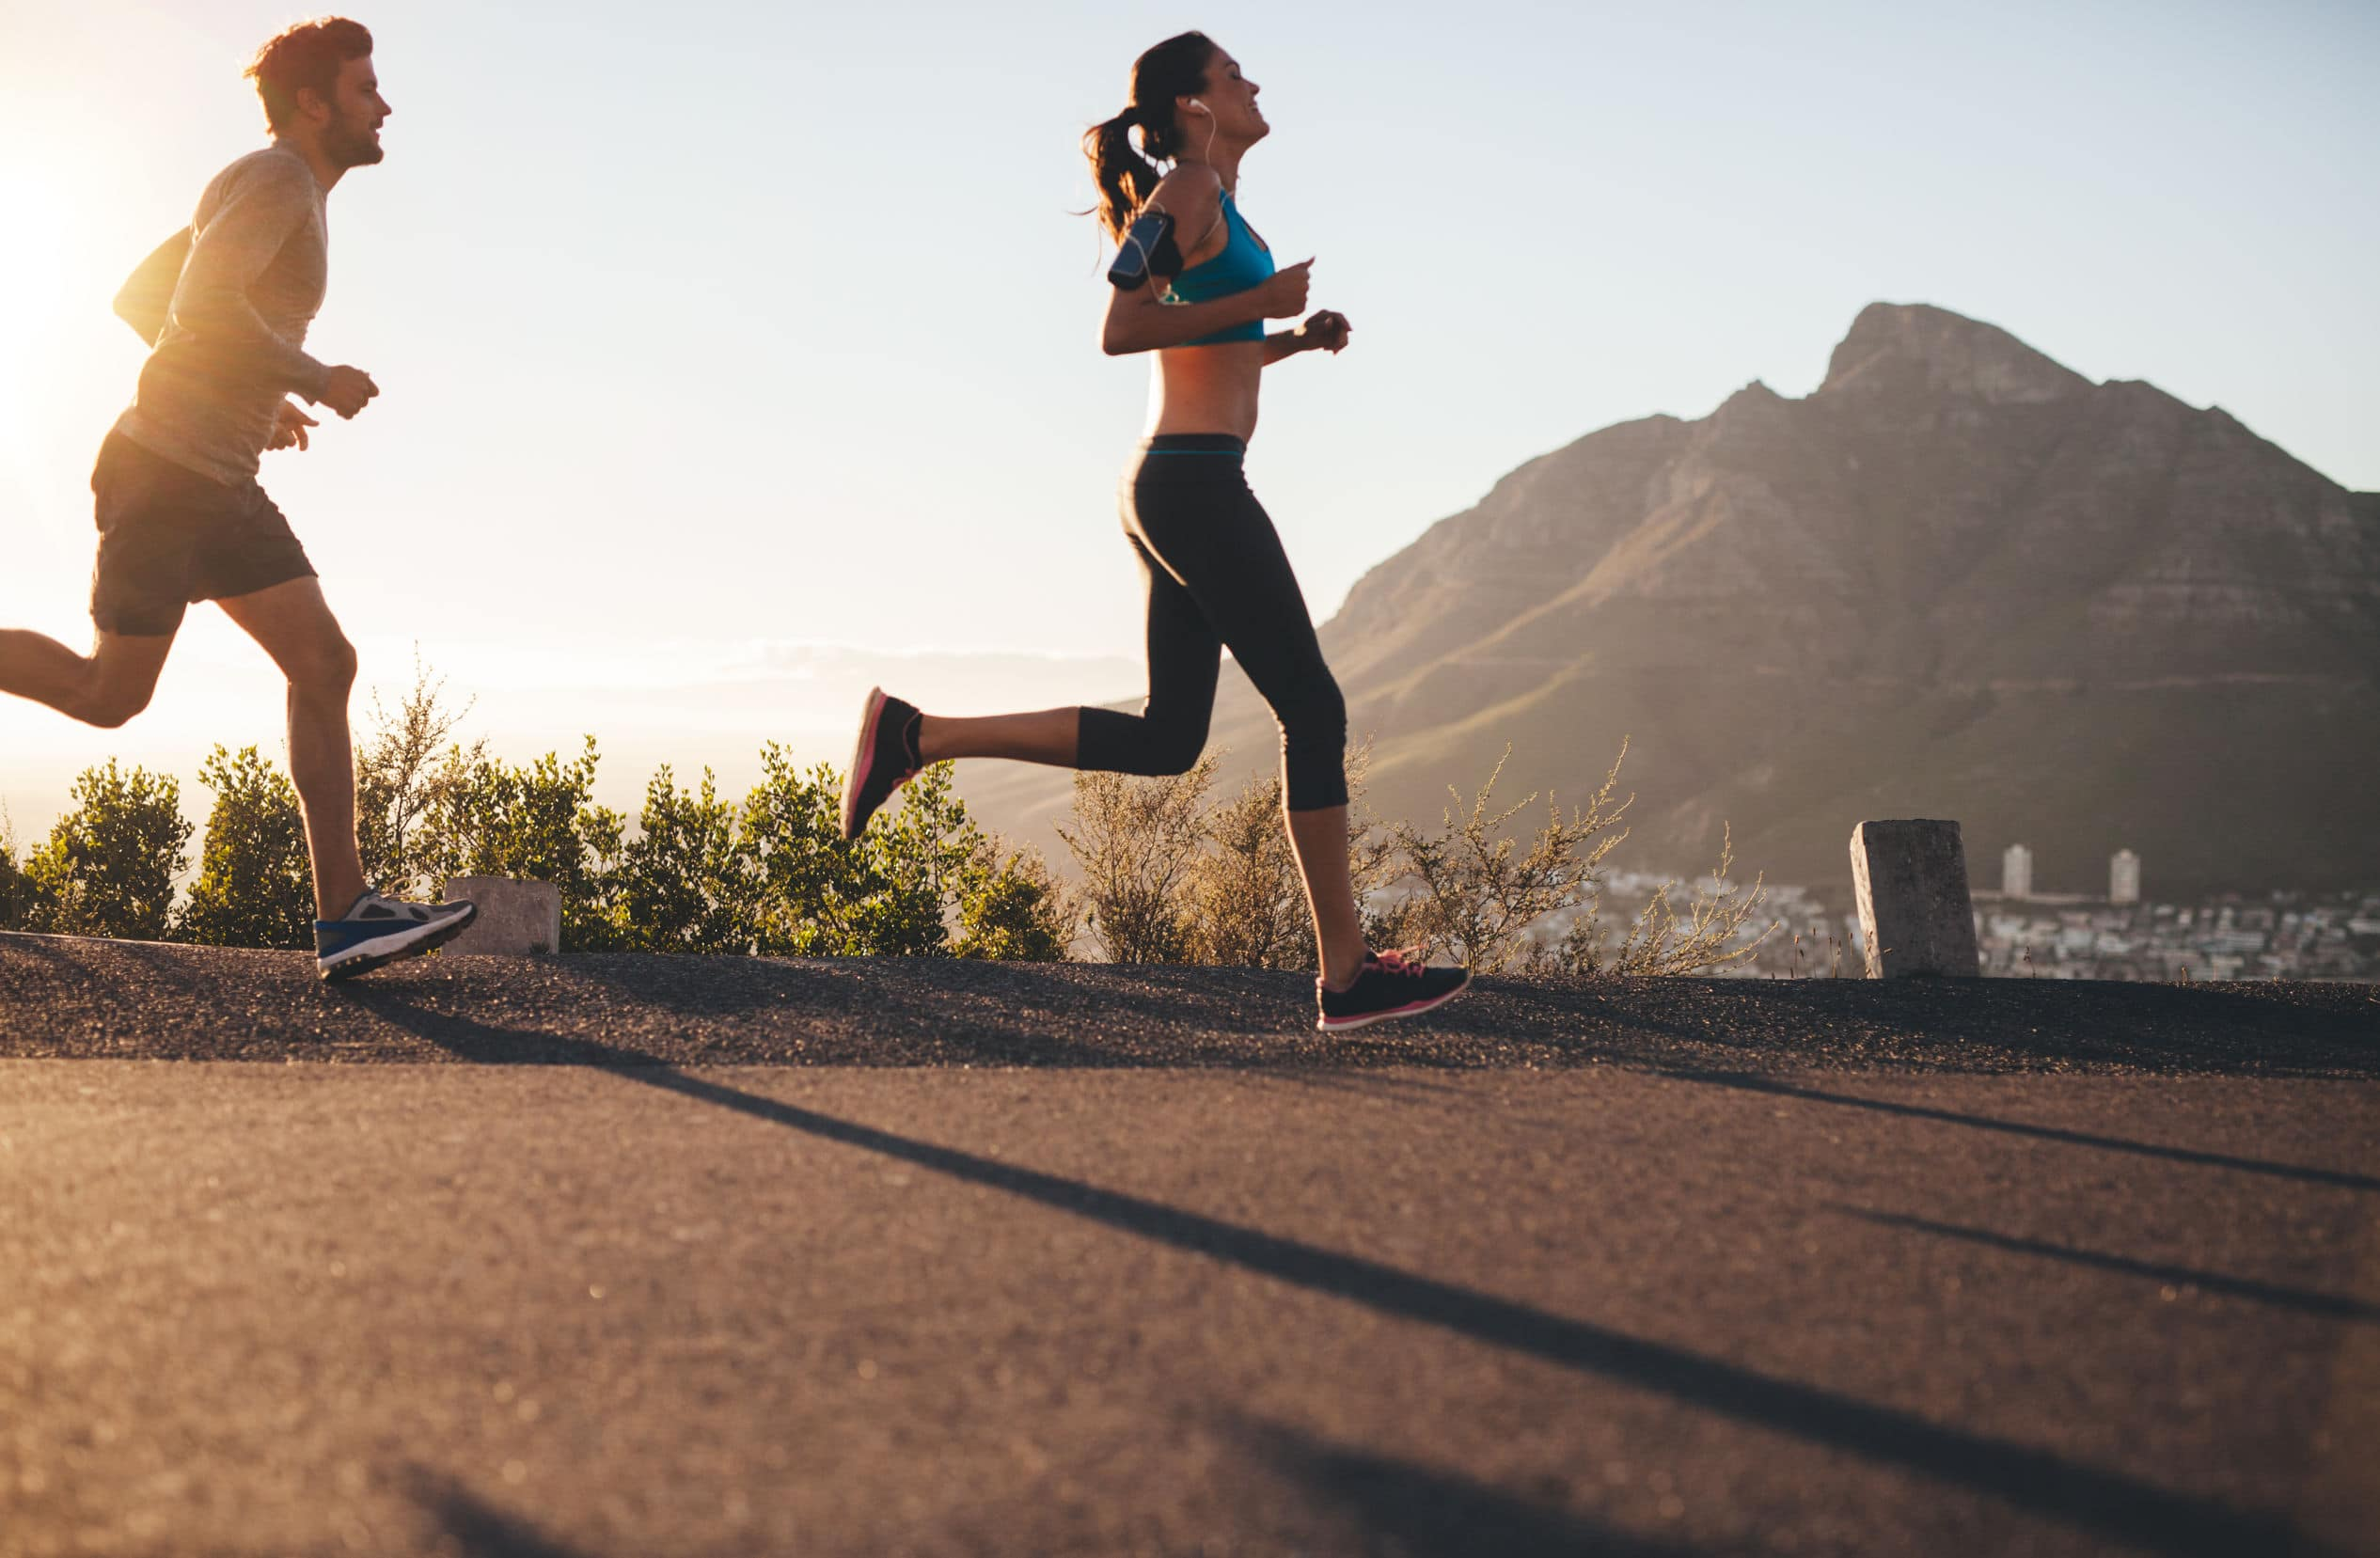 Imagem de uma mulher e um homem correndo. Remete às promessas de cuidar melhor do corpo no ano novo.